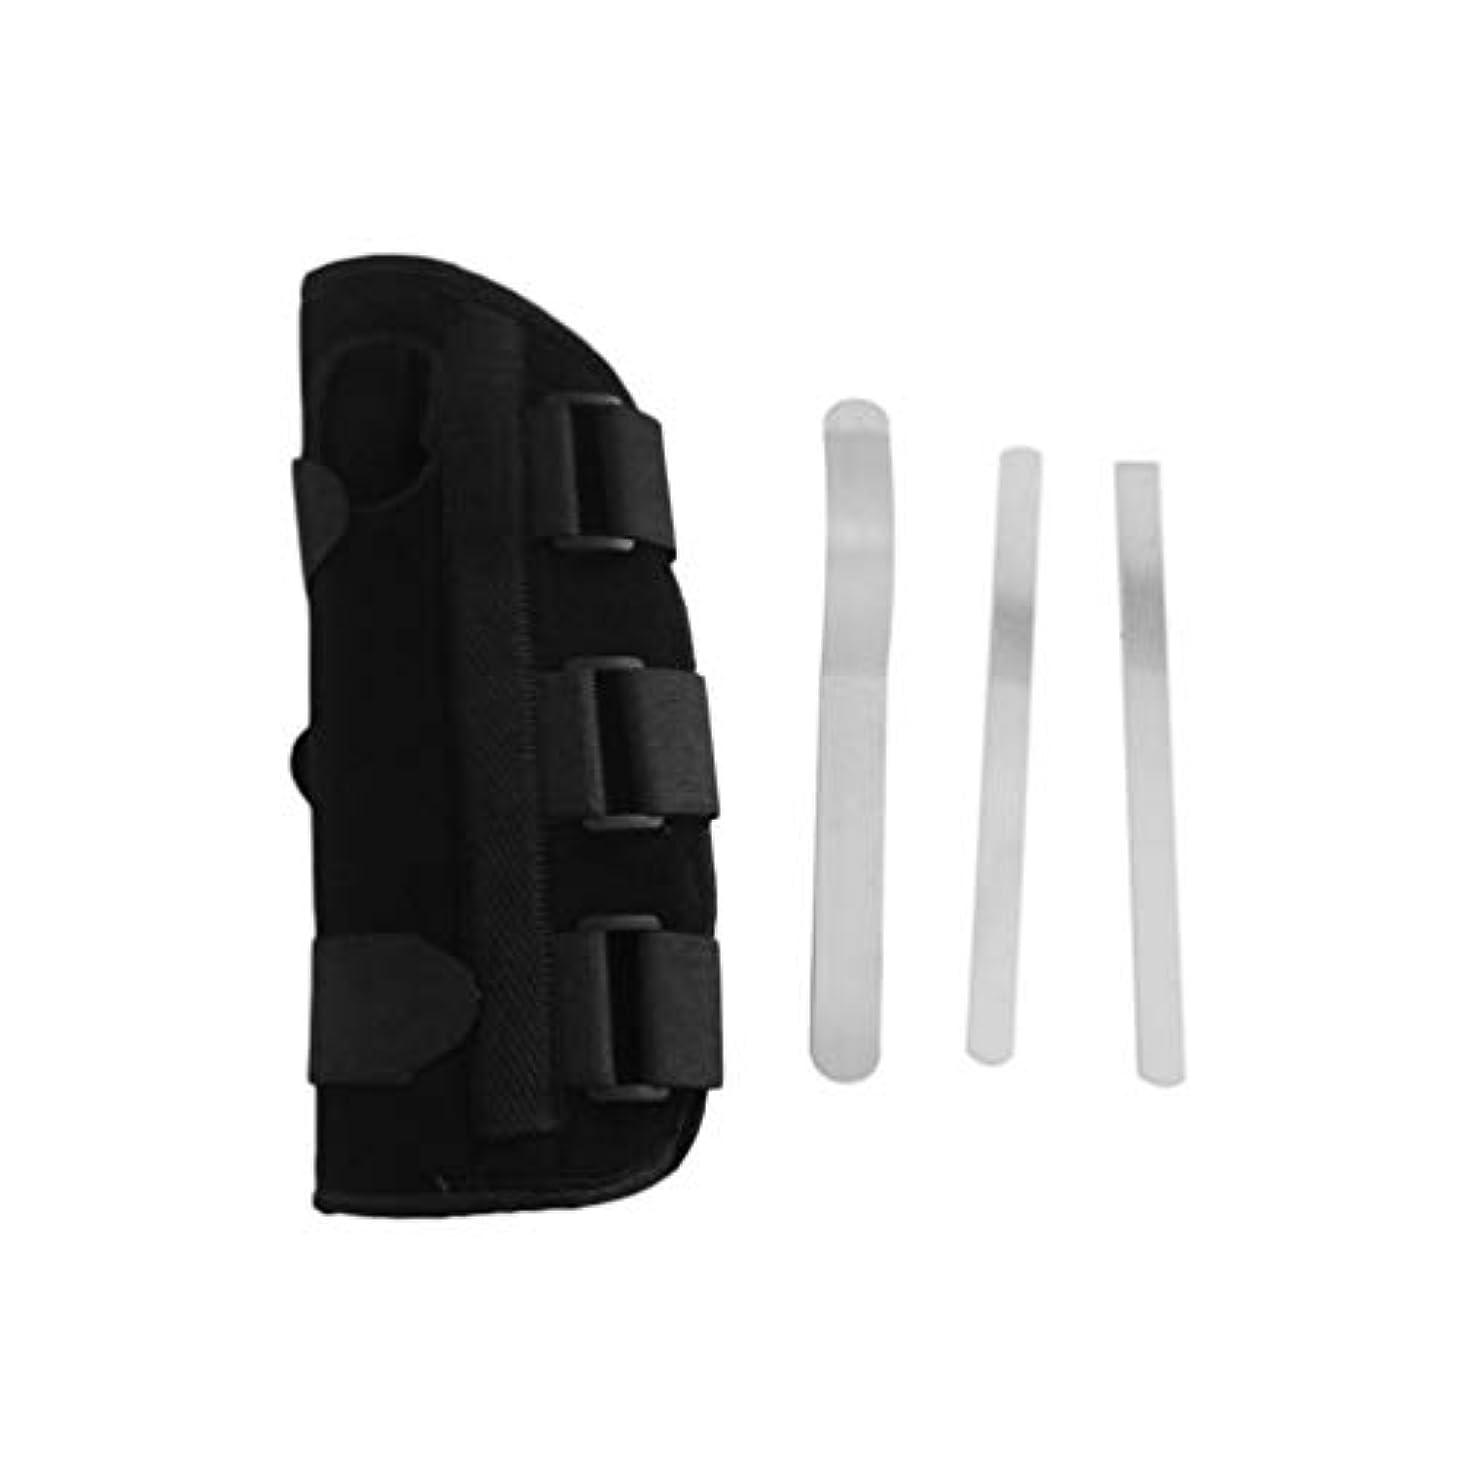 非常に緊急解く手首副木ブレース保護サポートストラップカルペルトンネルCTS RSI痛み軽減リムーバブル副木快適な軽量ストラップ - ブラックM